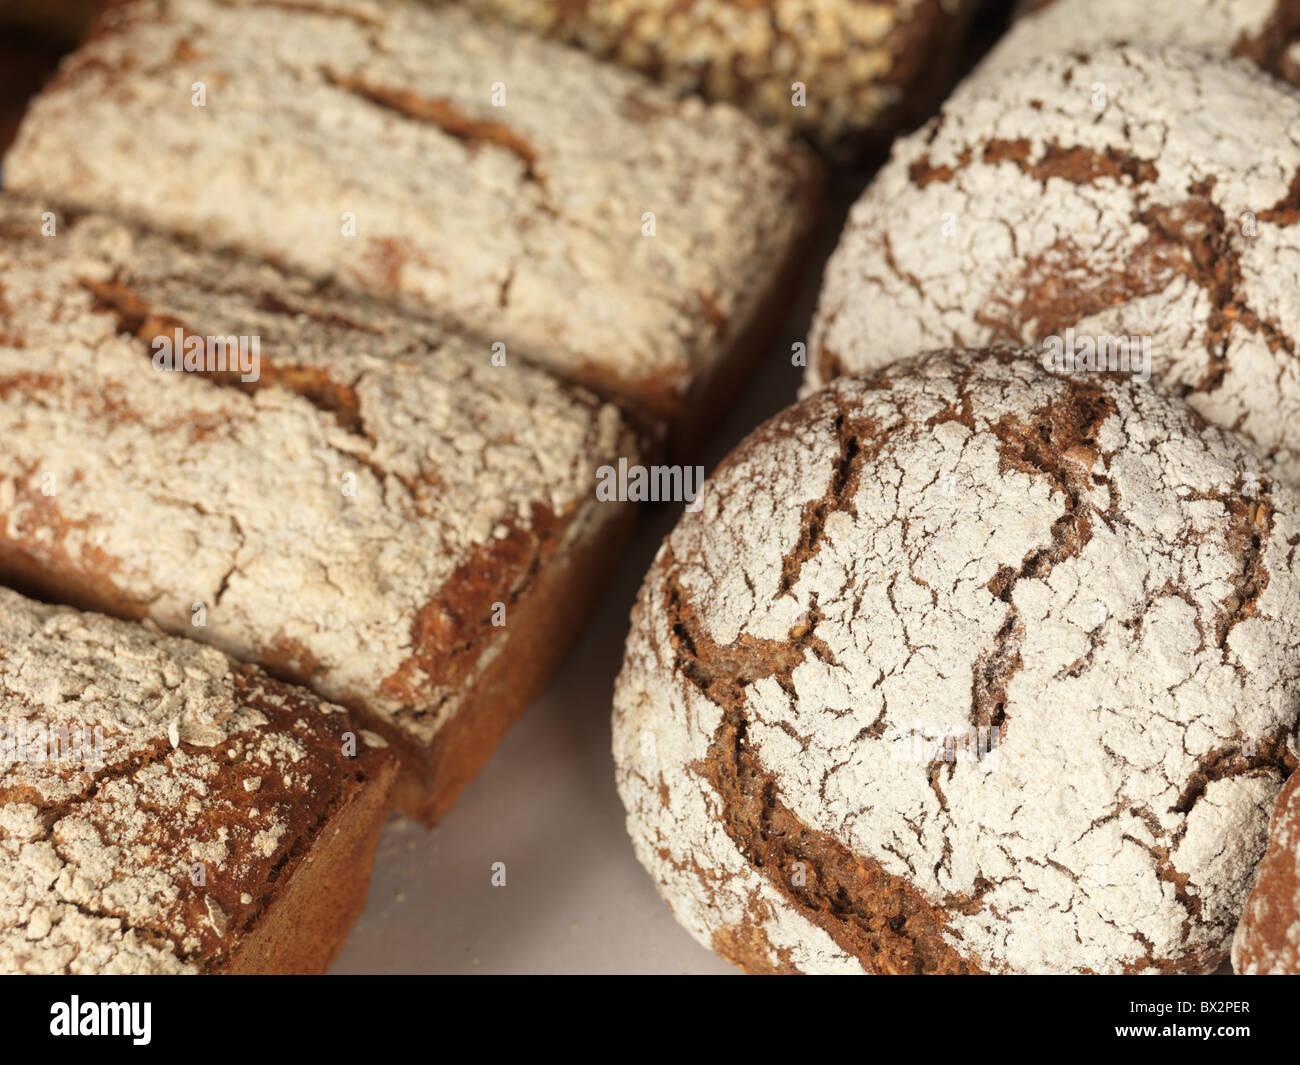 Frisch gebackenes Brot mit Mehl auf einem Tablett Stockbild